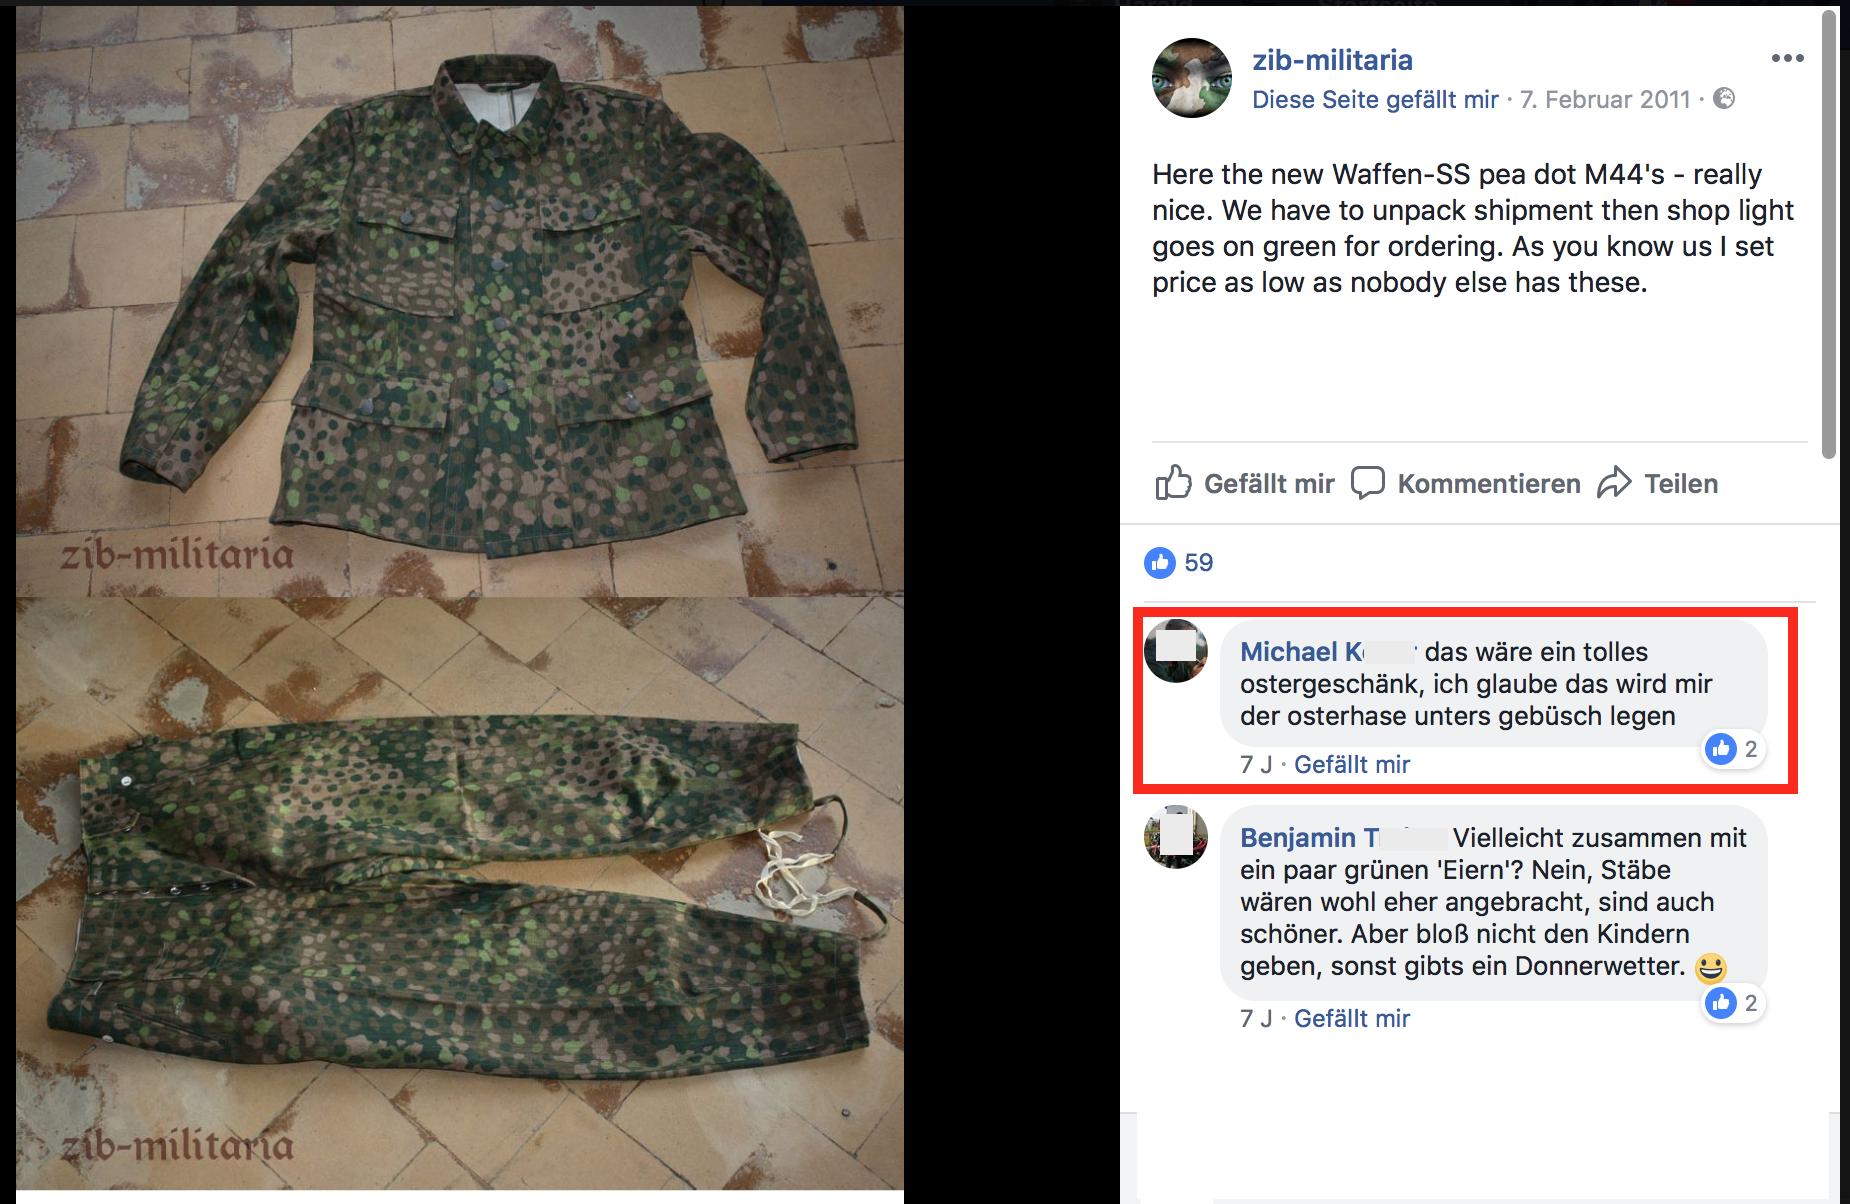 """Michael K. will sich eine SS-Uniform als """"Ostergeschänk ... unters gebüsch legen"""" (Screenshot 5.6.18)"""